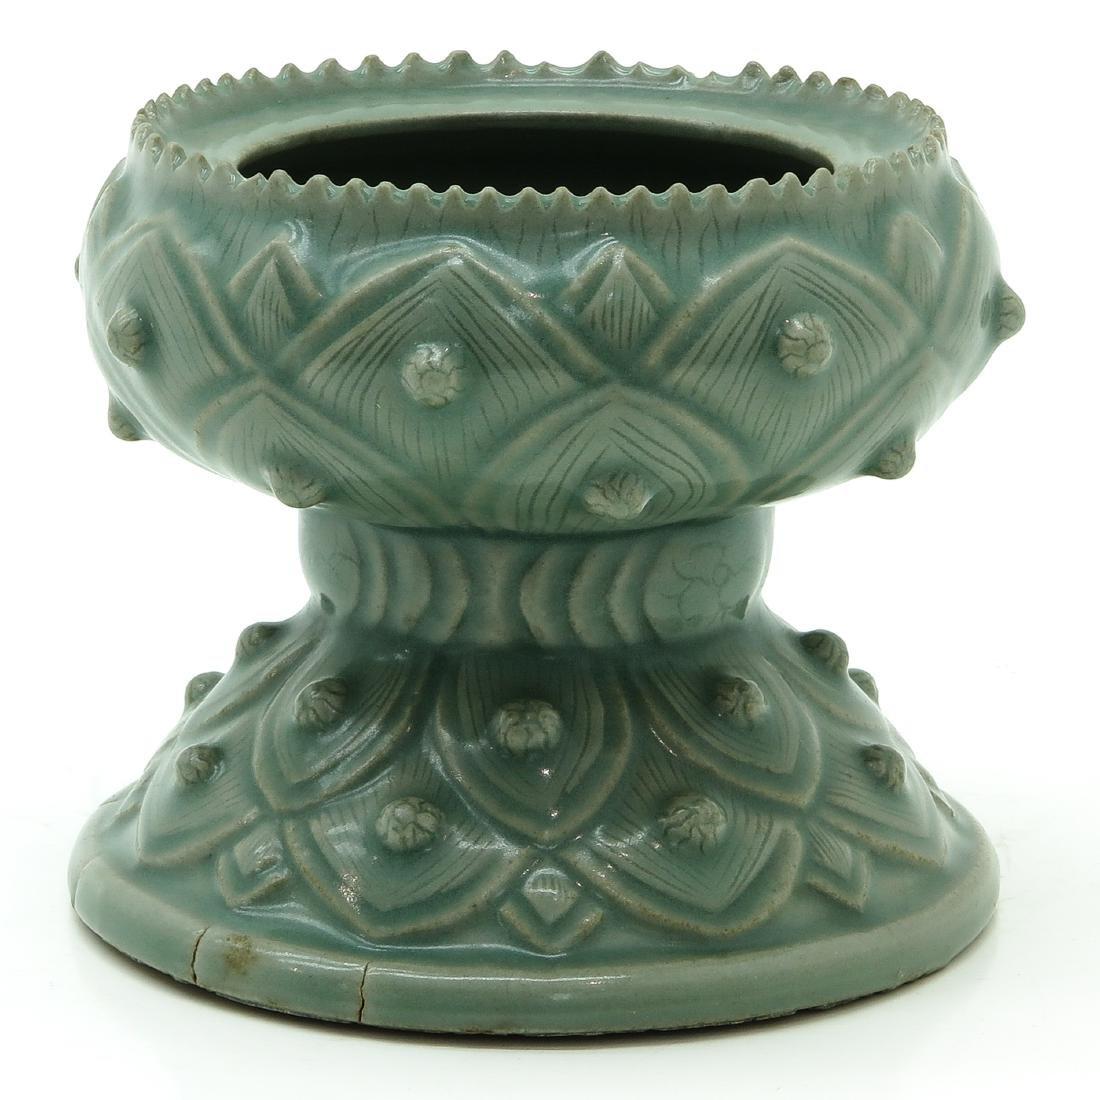 Korean Celadon Censer